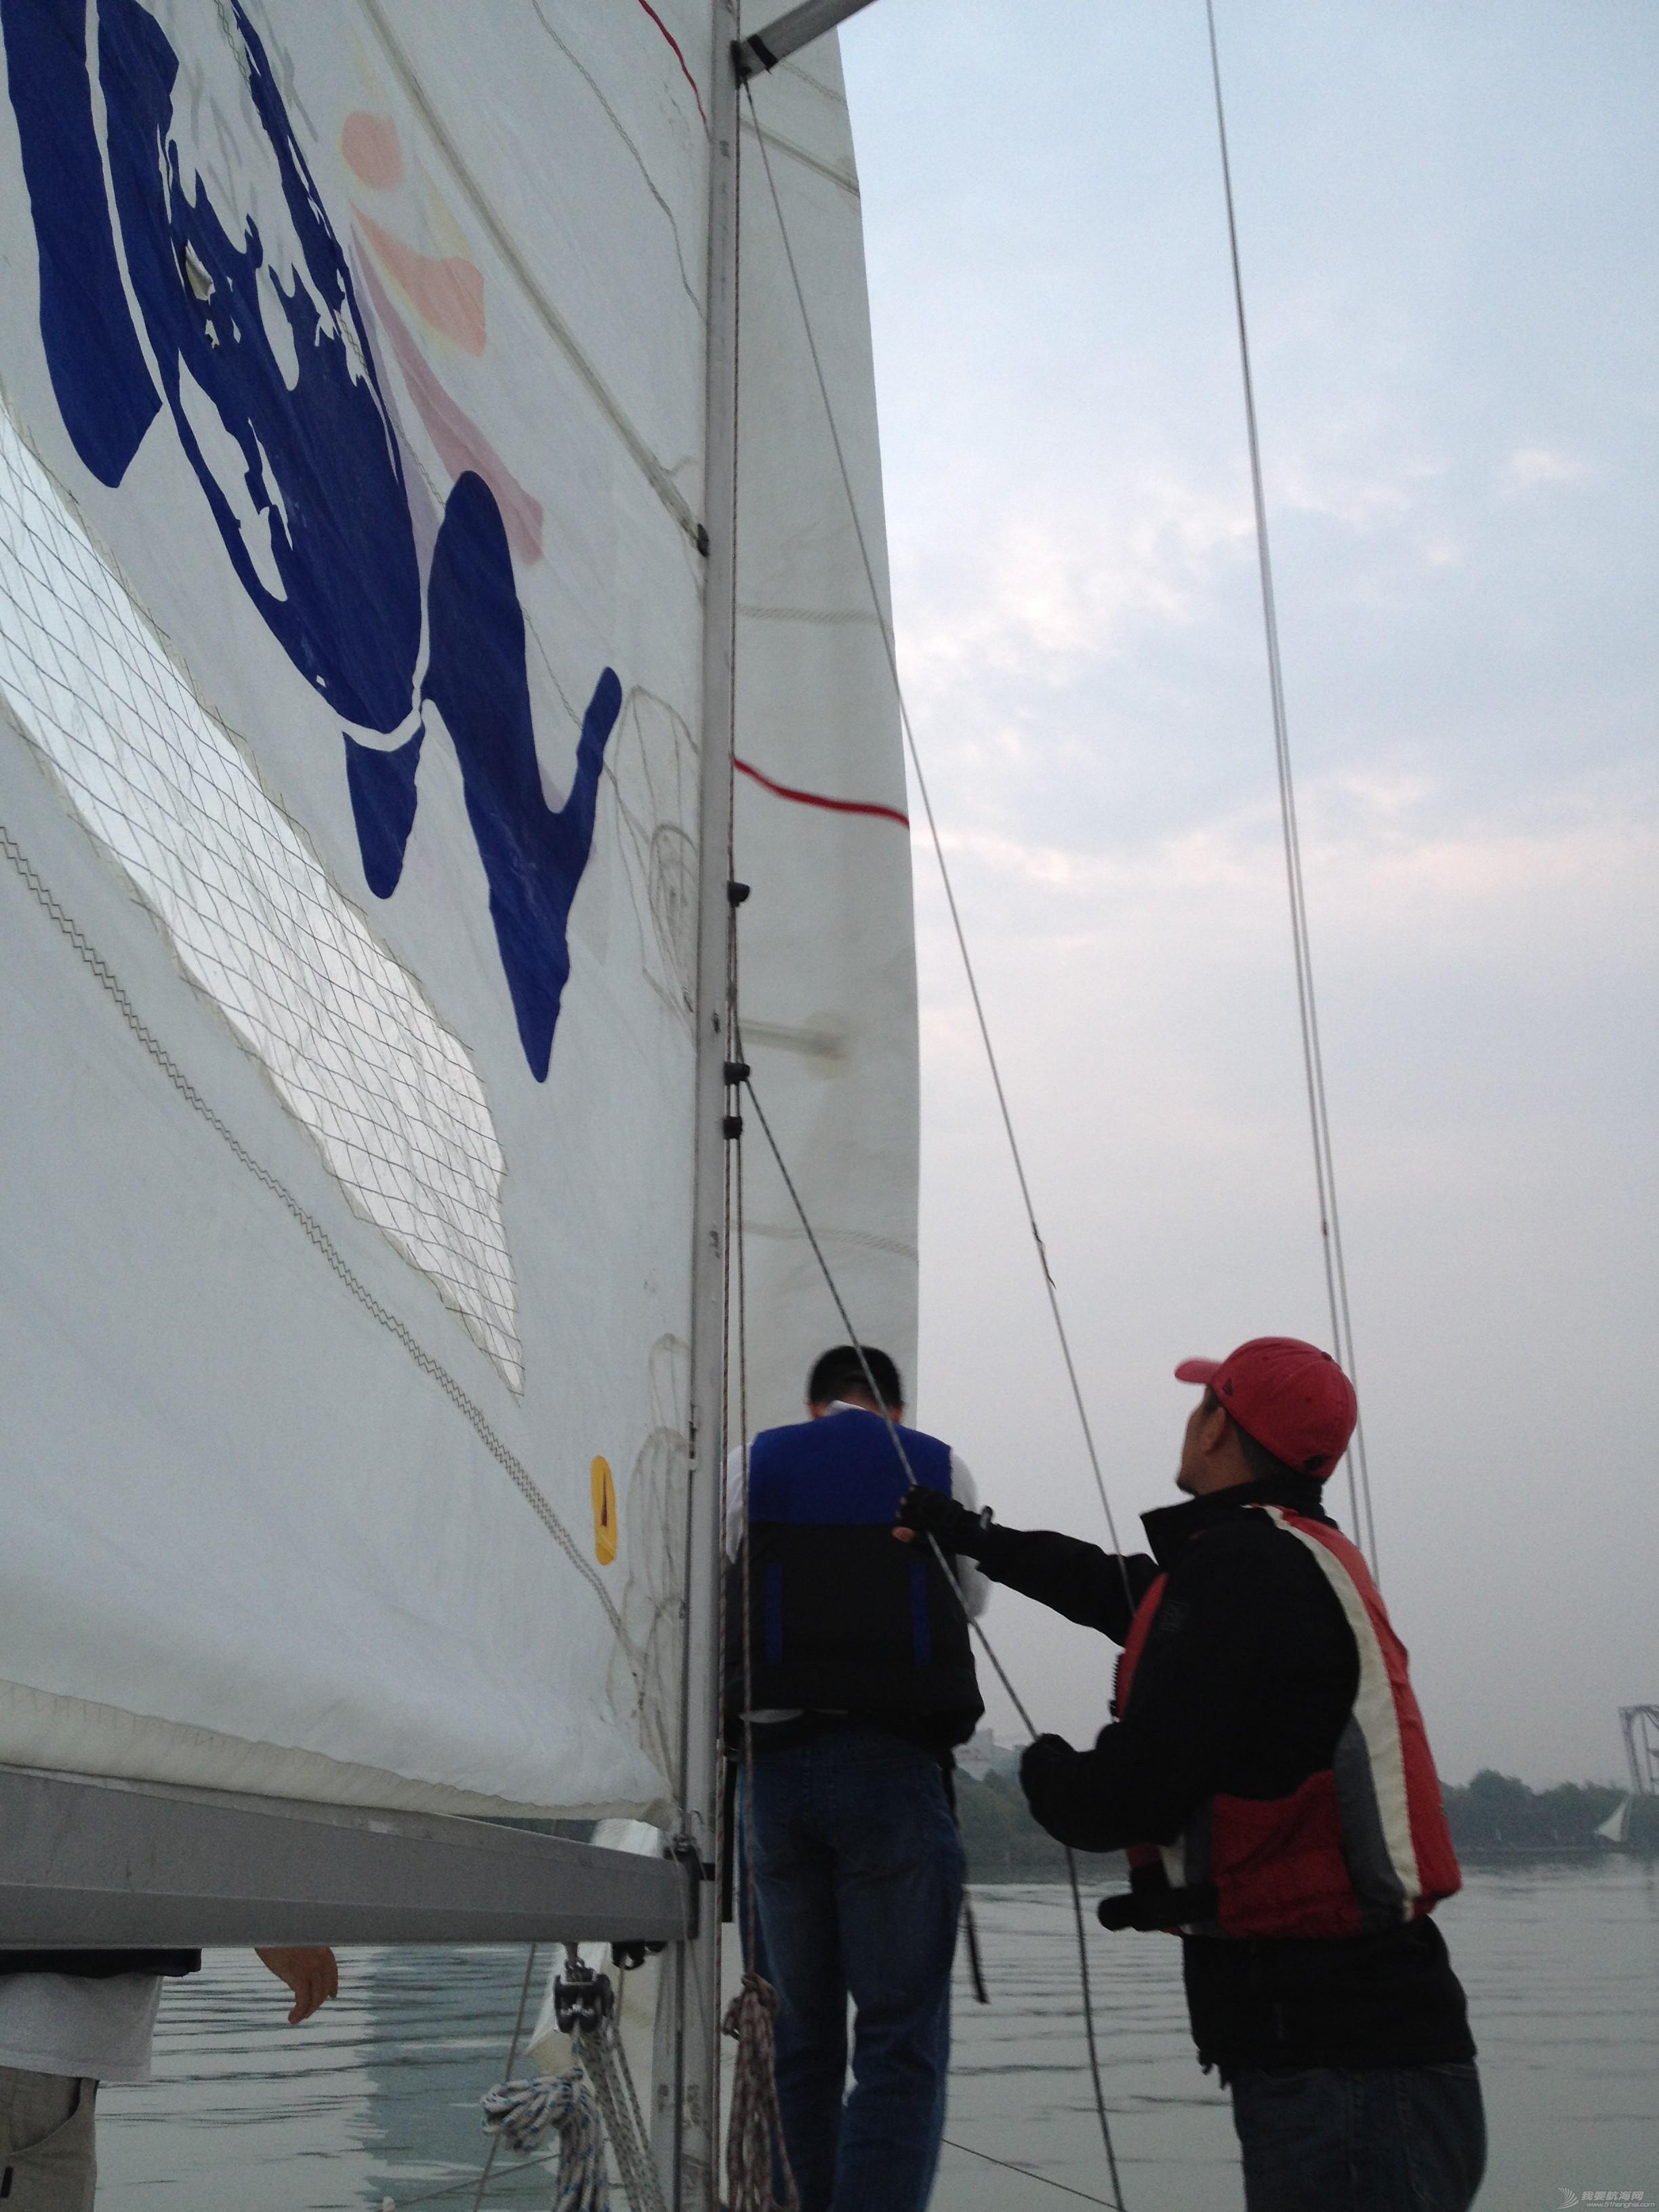 金鸡,苏州 苏州金鸡湖帆船赛-我的处女赛 IMG_2576.JPG